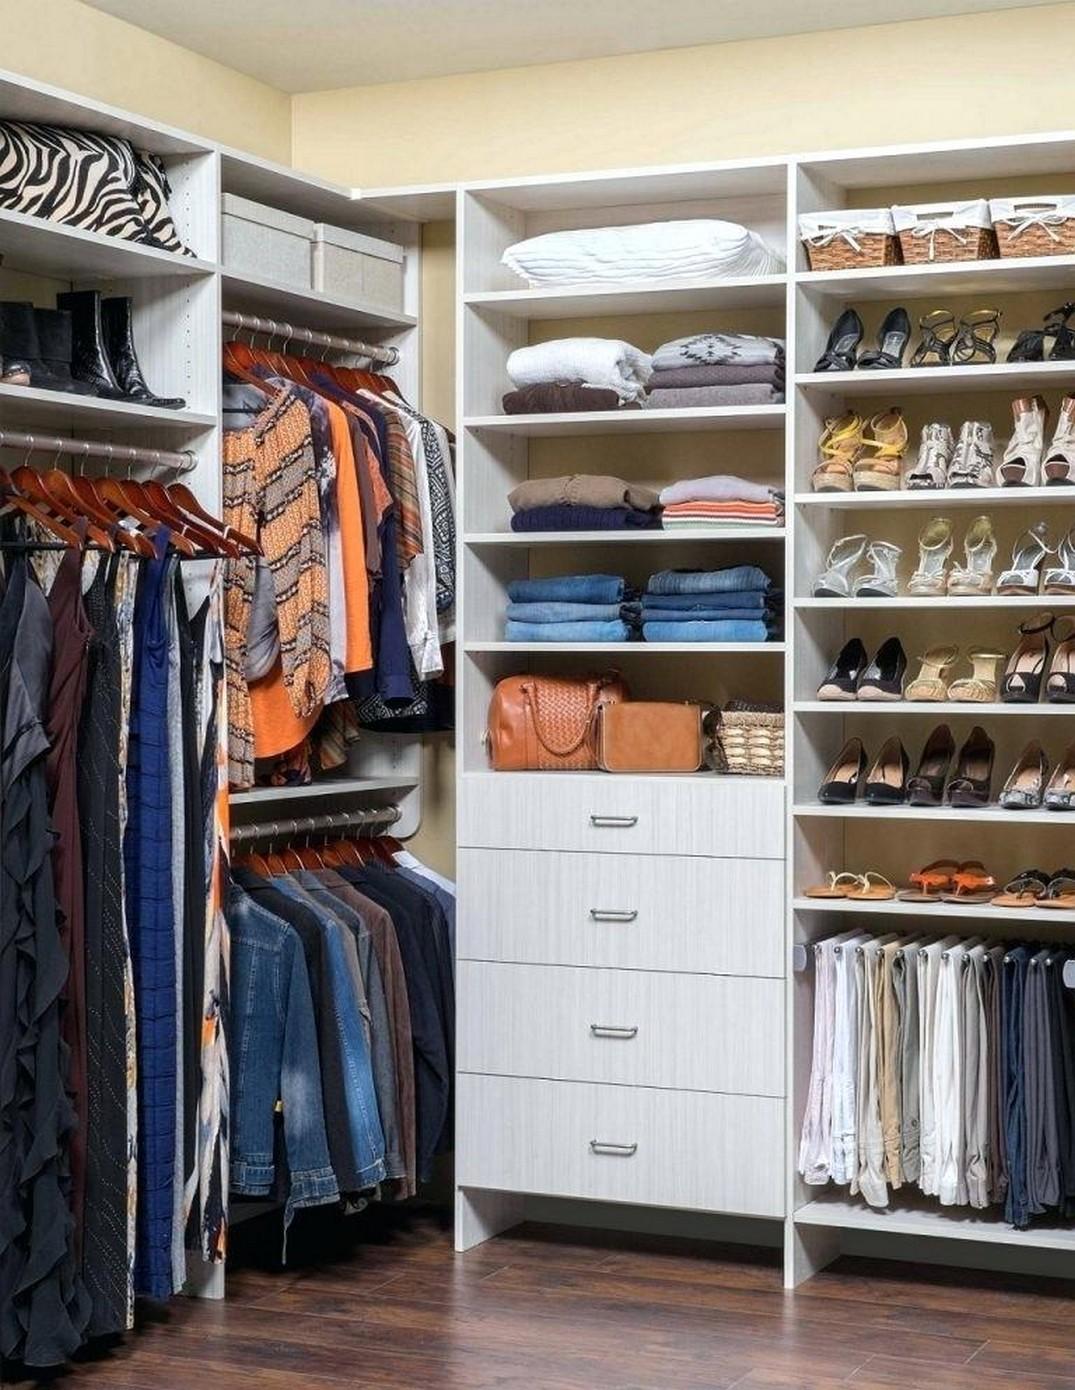 Amazing Arrangement Concept of Closet That You Must Follow